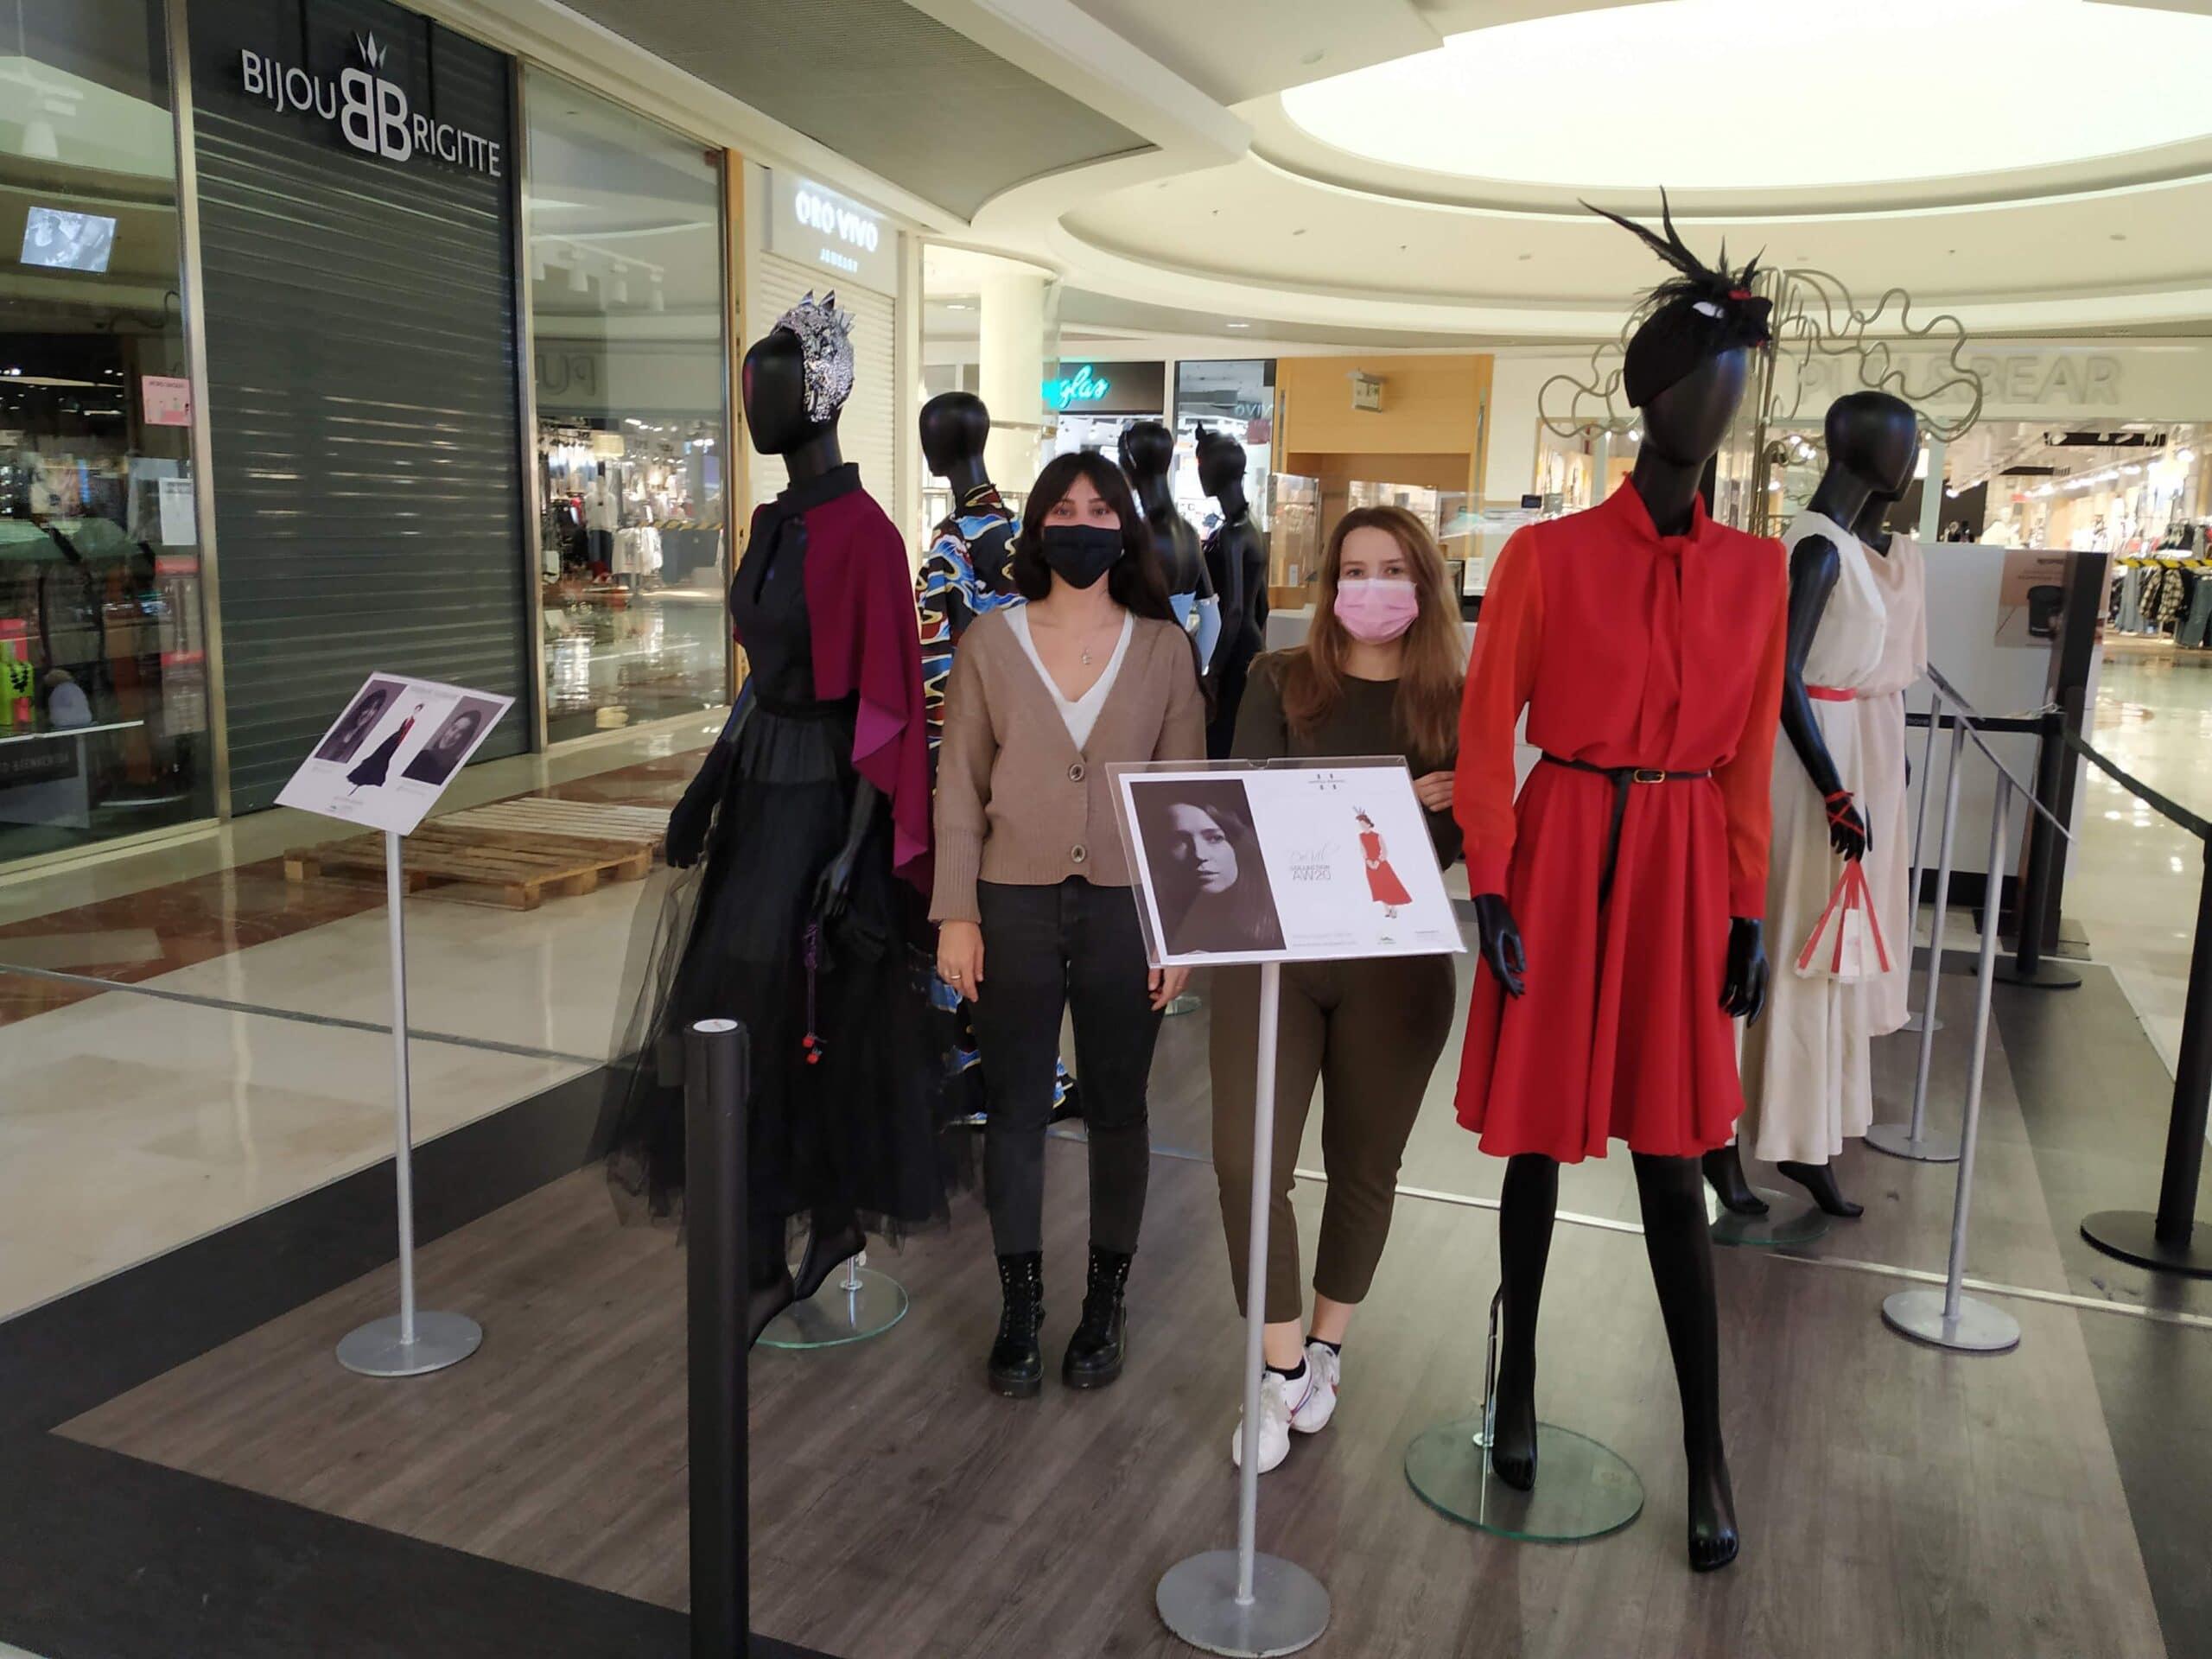 el alumnado de moda de creanavarra expone en la morea una reinterpretación de princesas y villanas de película